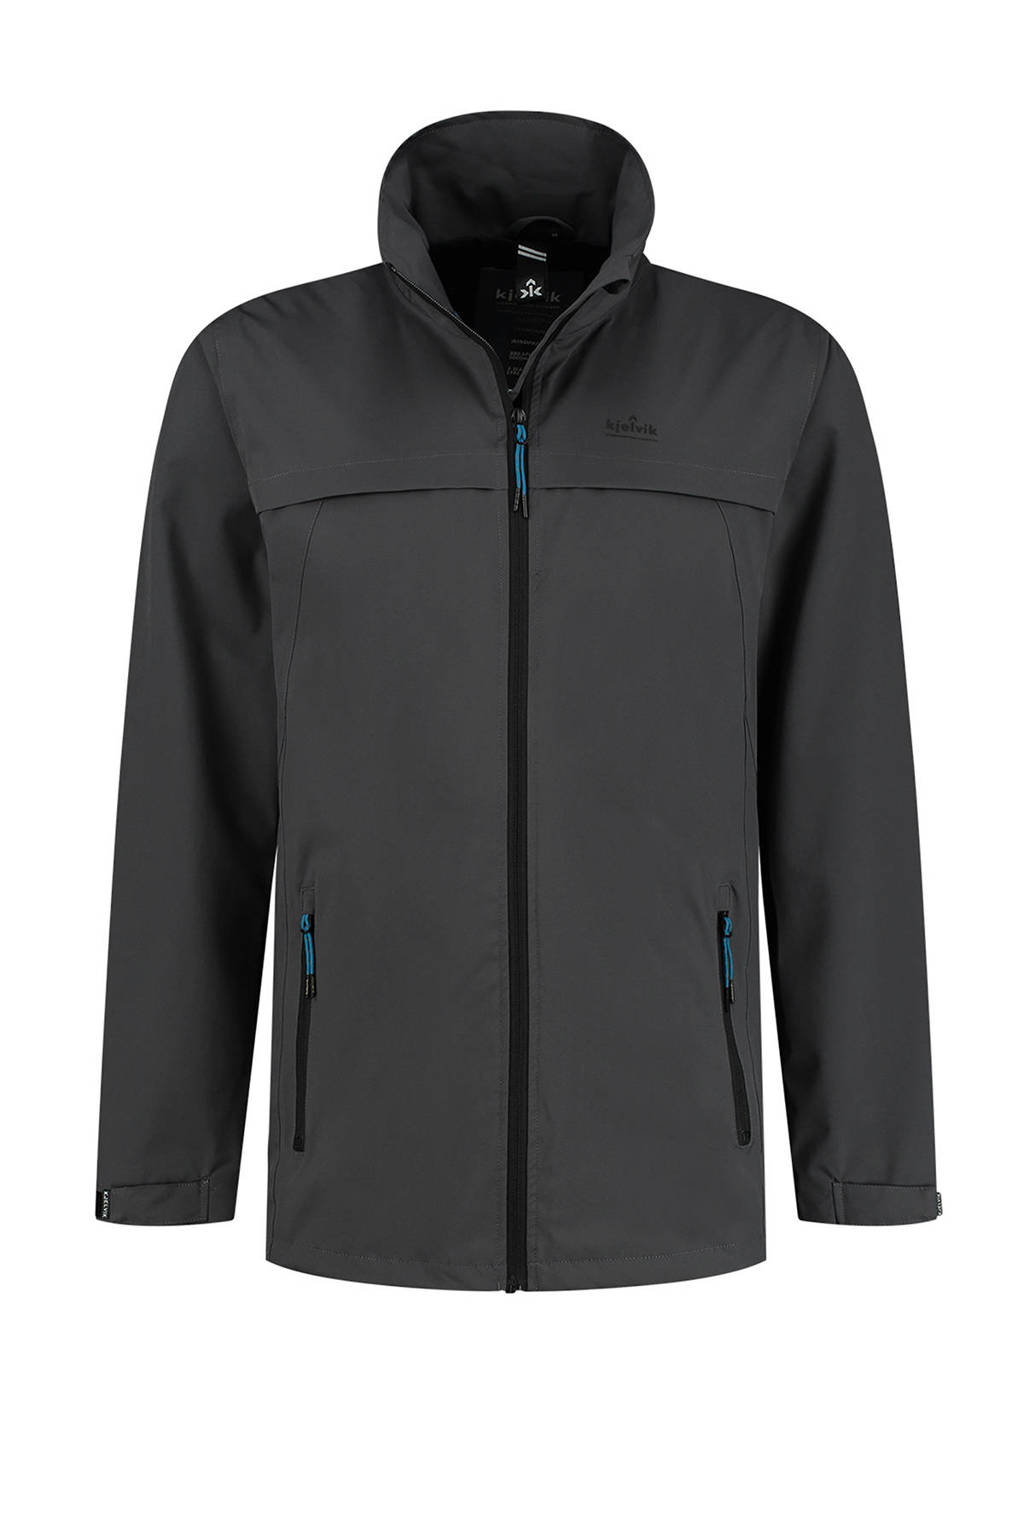 Kjelvik Plus Size outdoor jas Mason antraciet, Antraciet